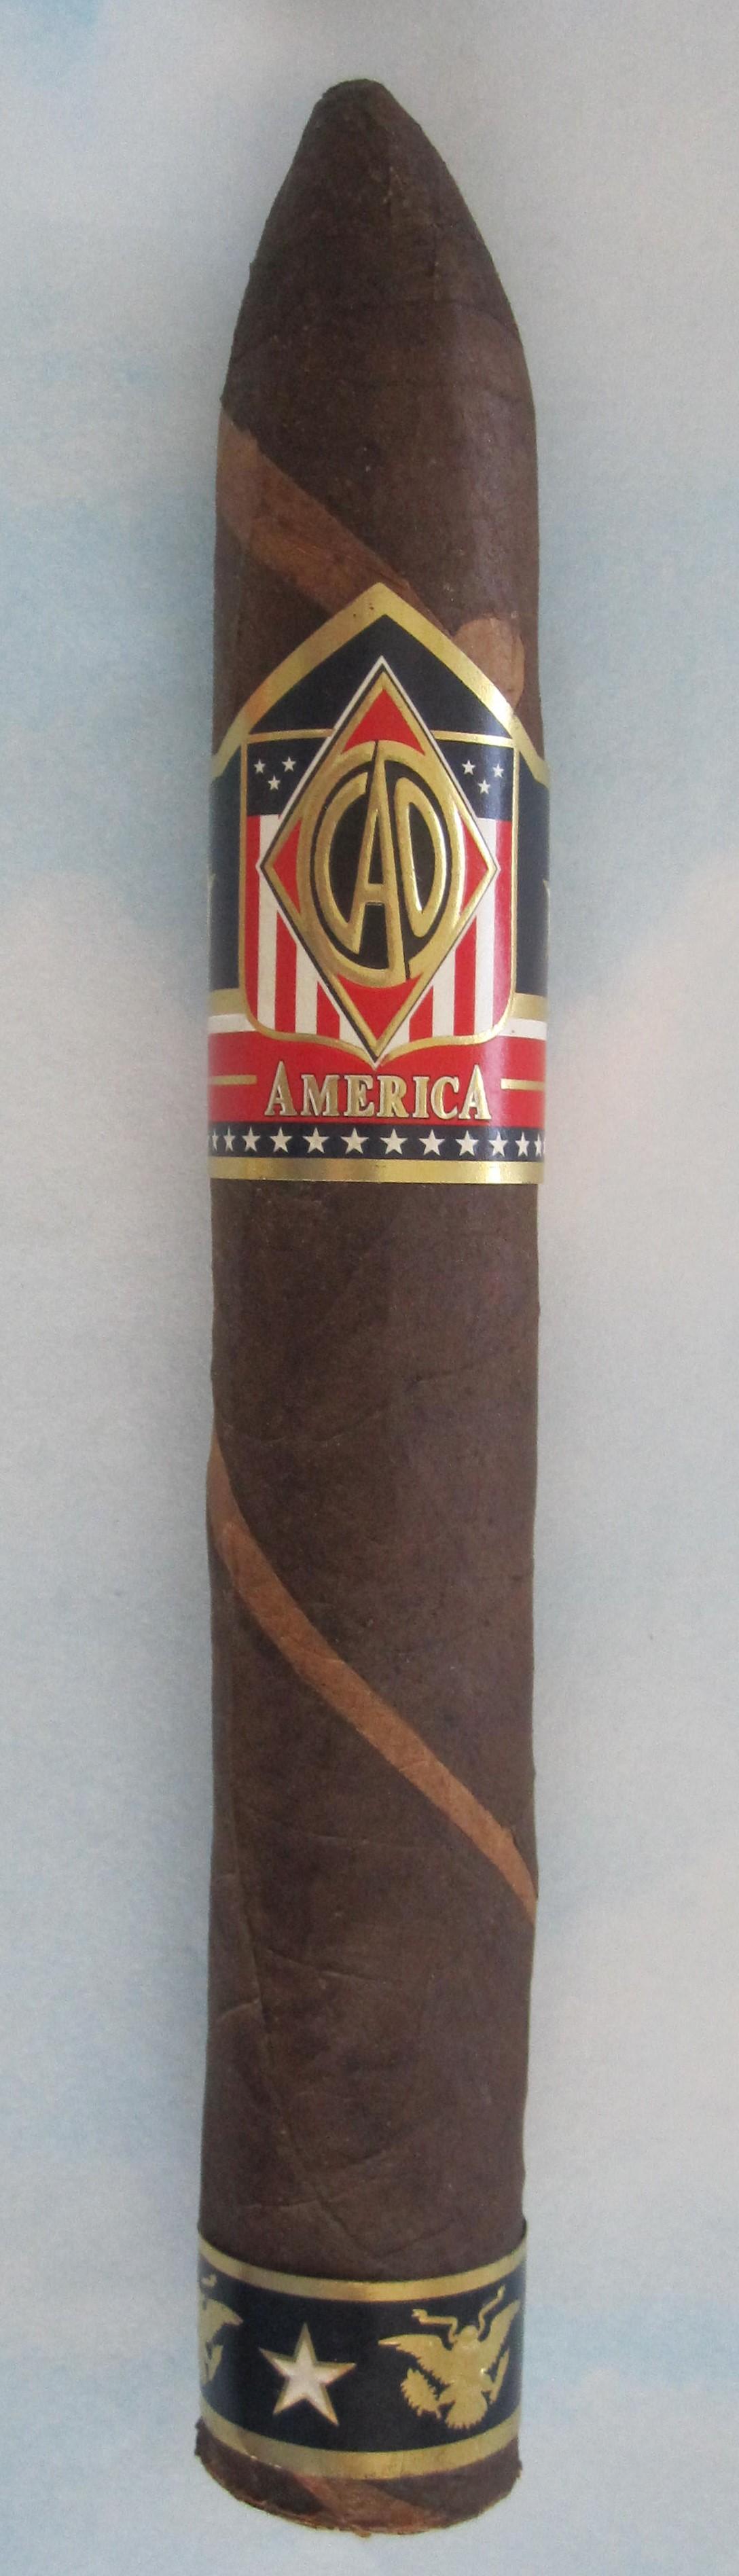 CAO America Cigar